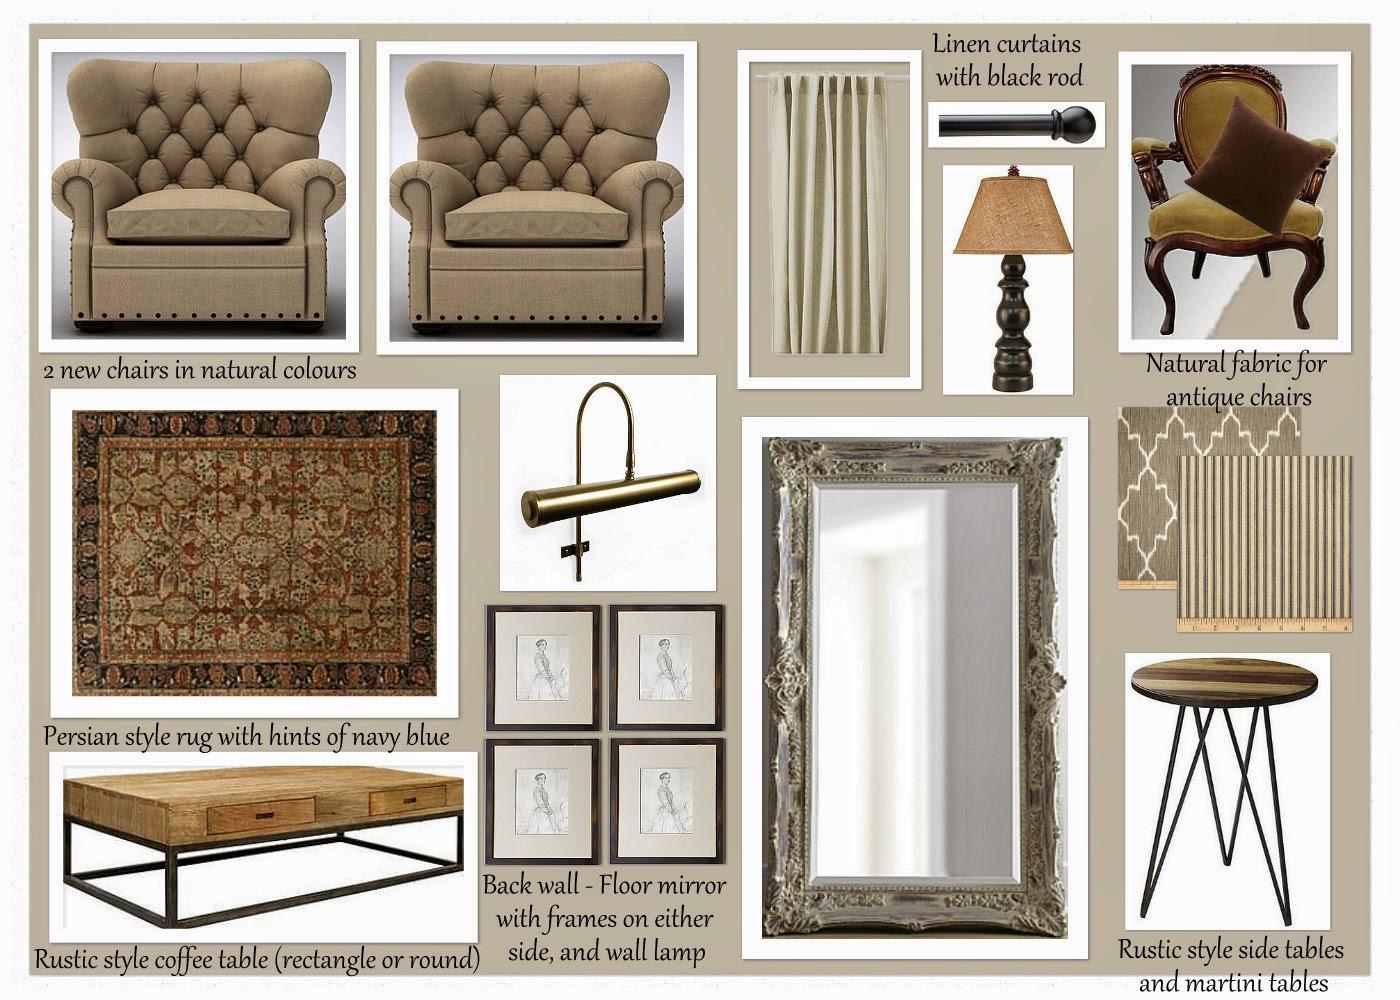 Home Decor Board